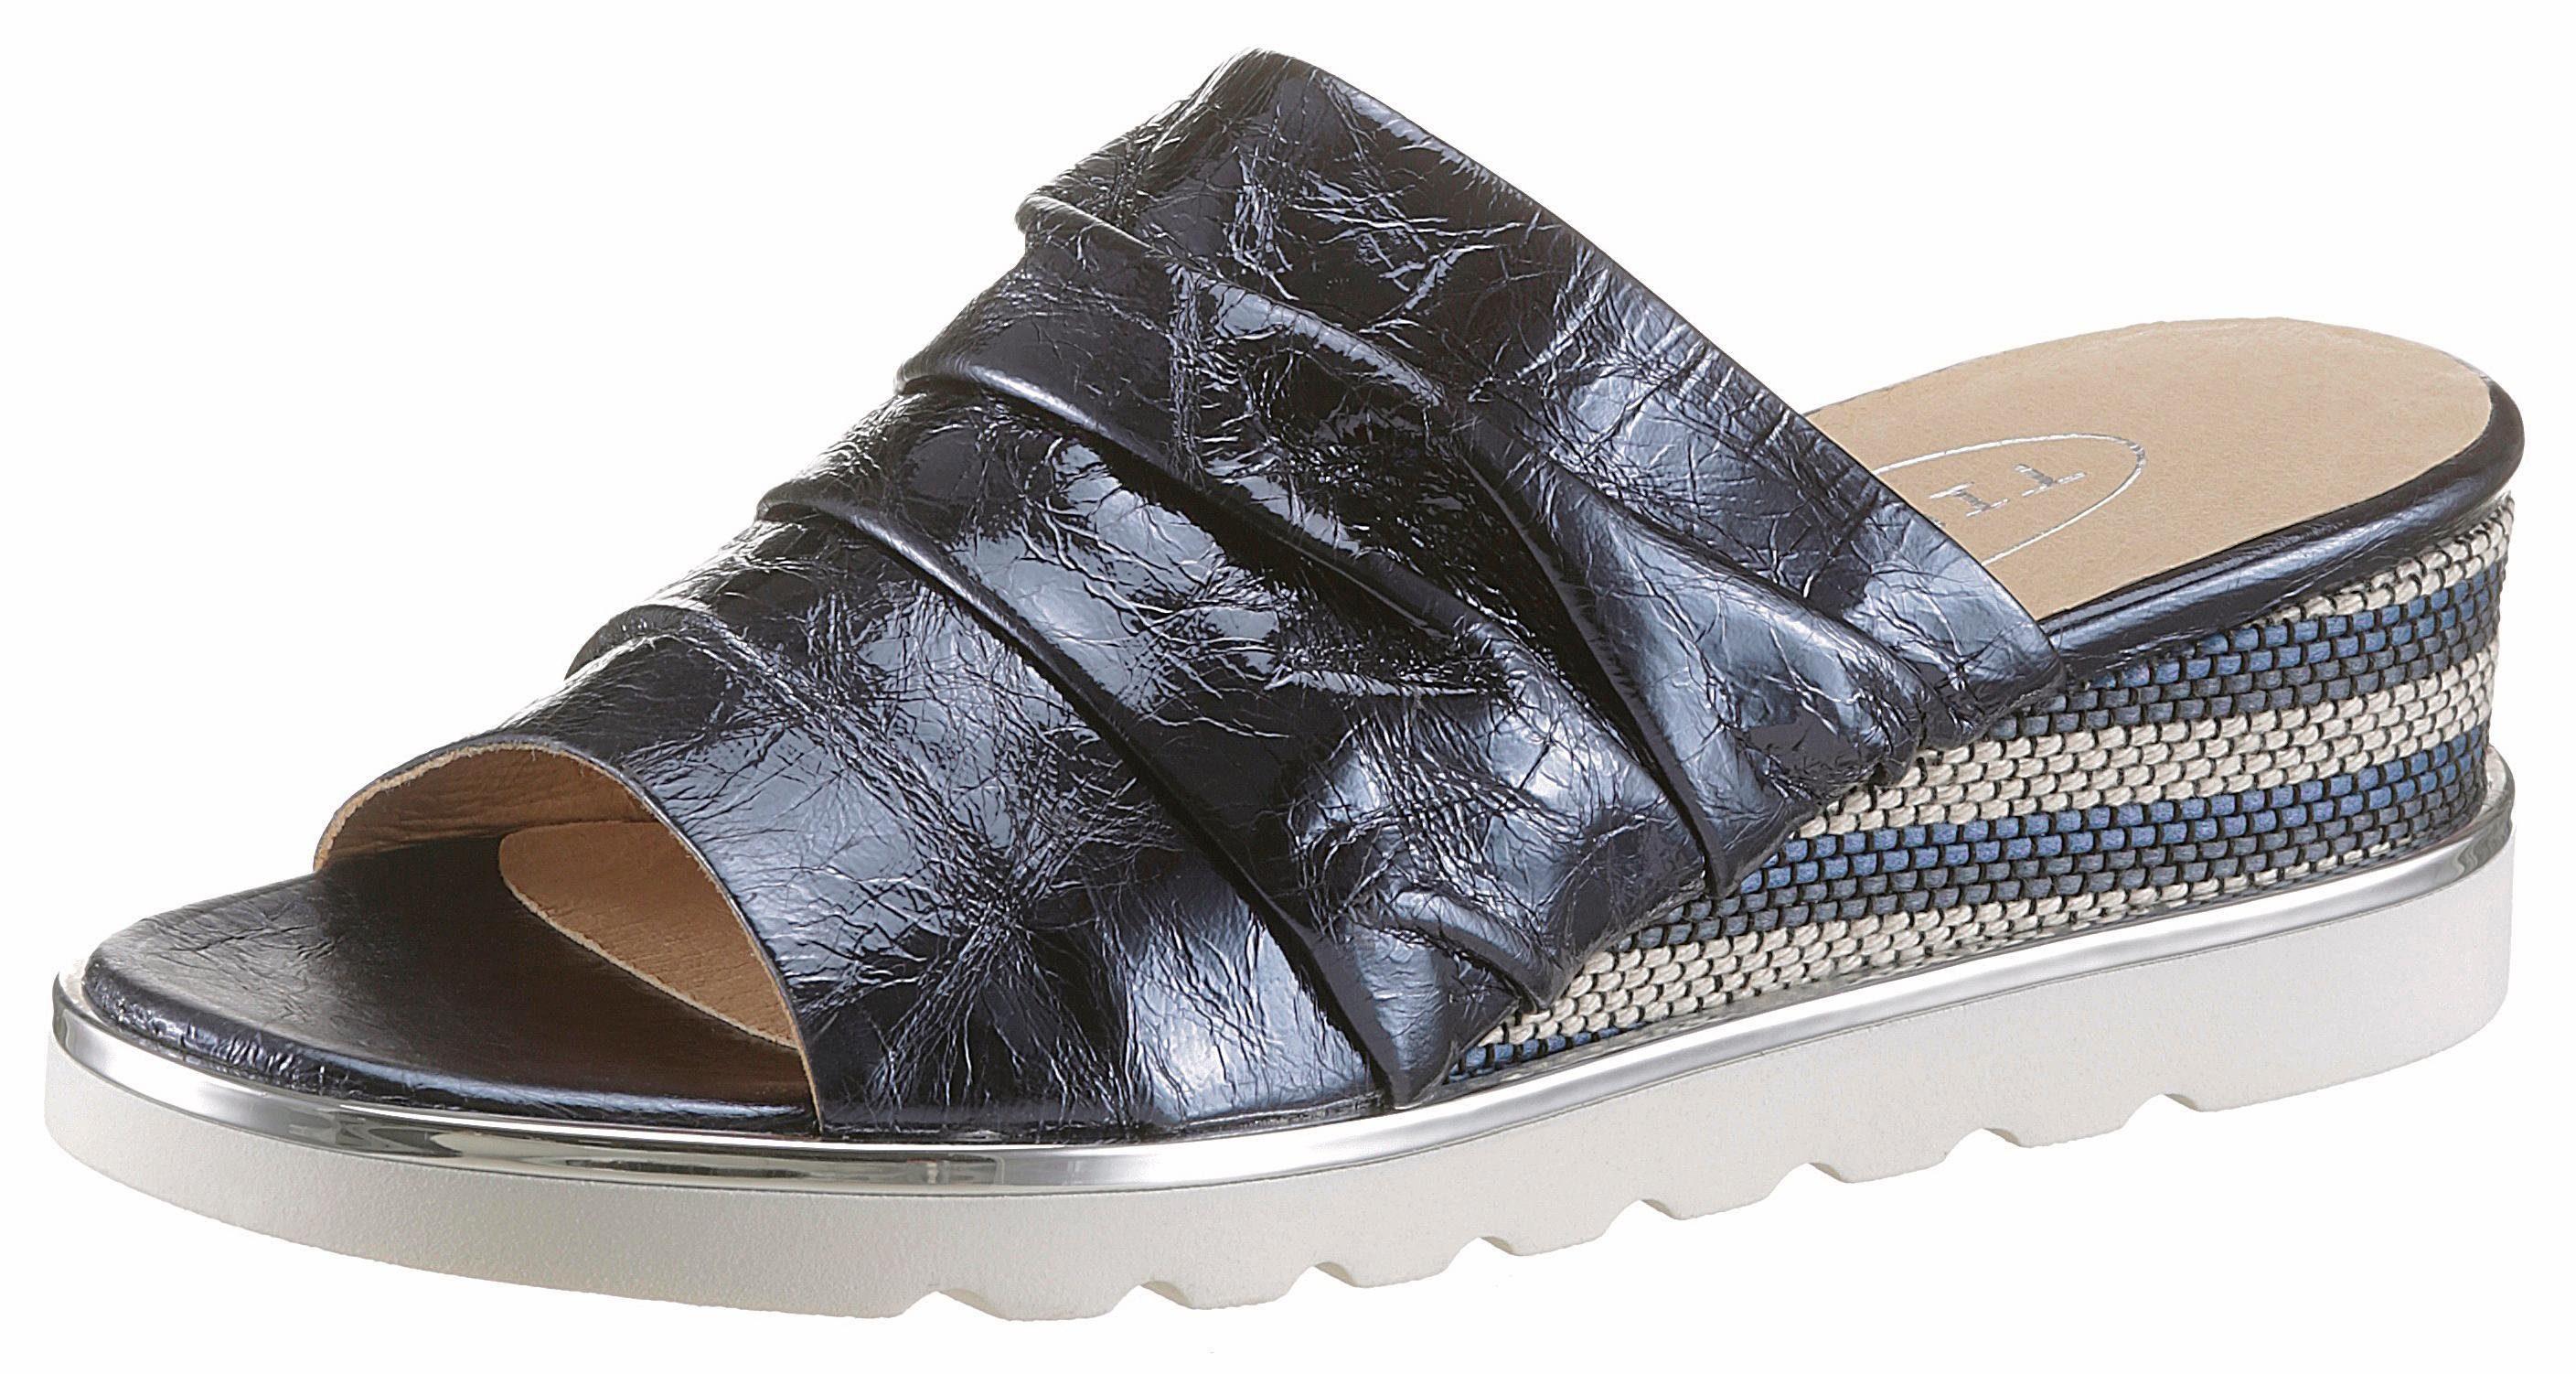 TINE'S Pantolette, in Crashoptik online kaufen  dunkelblau